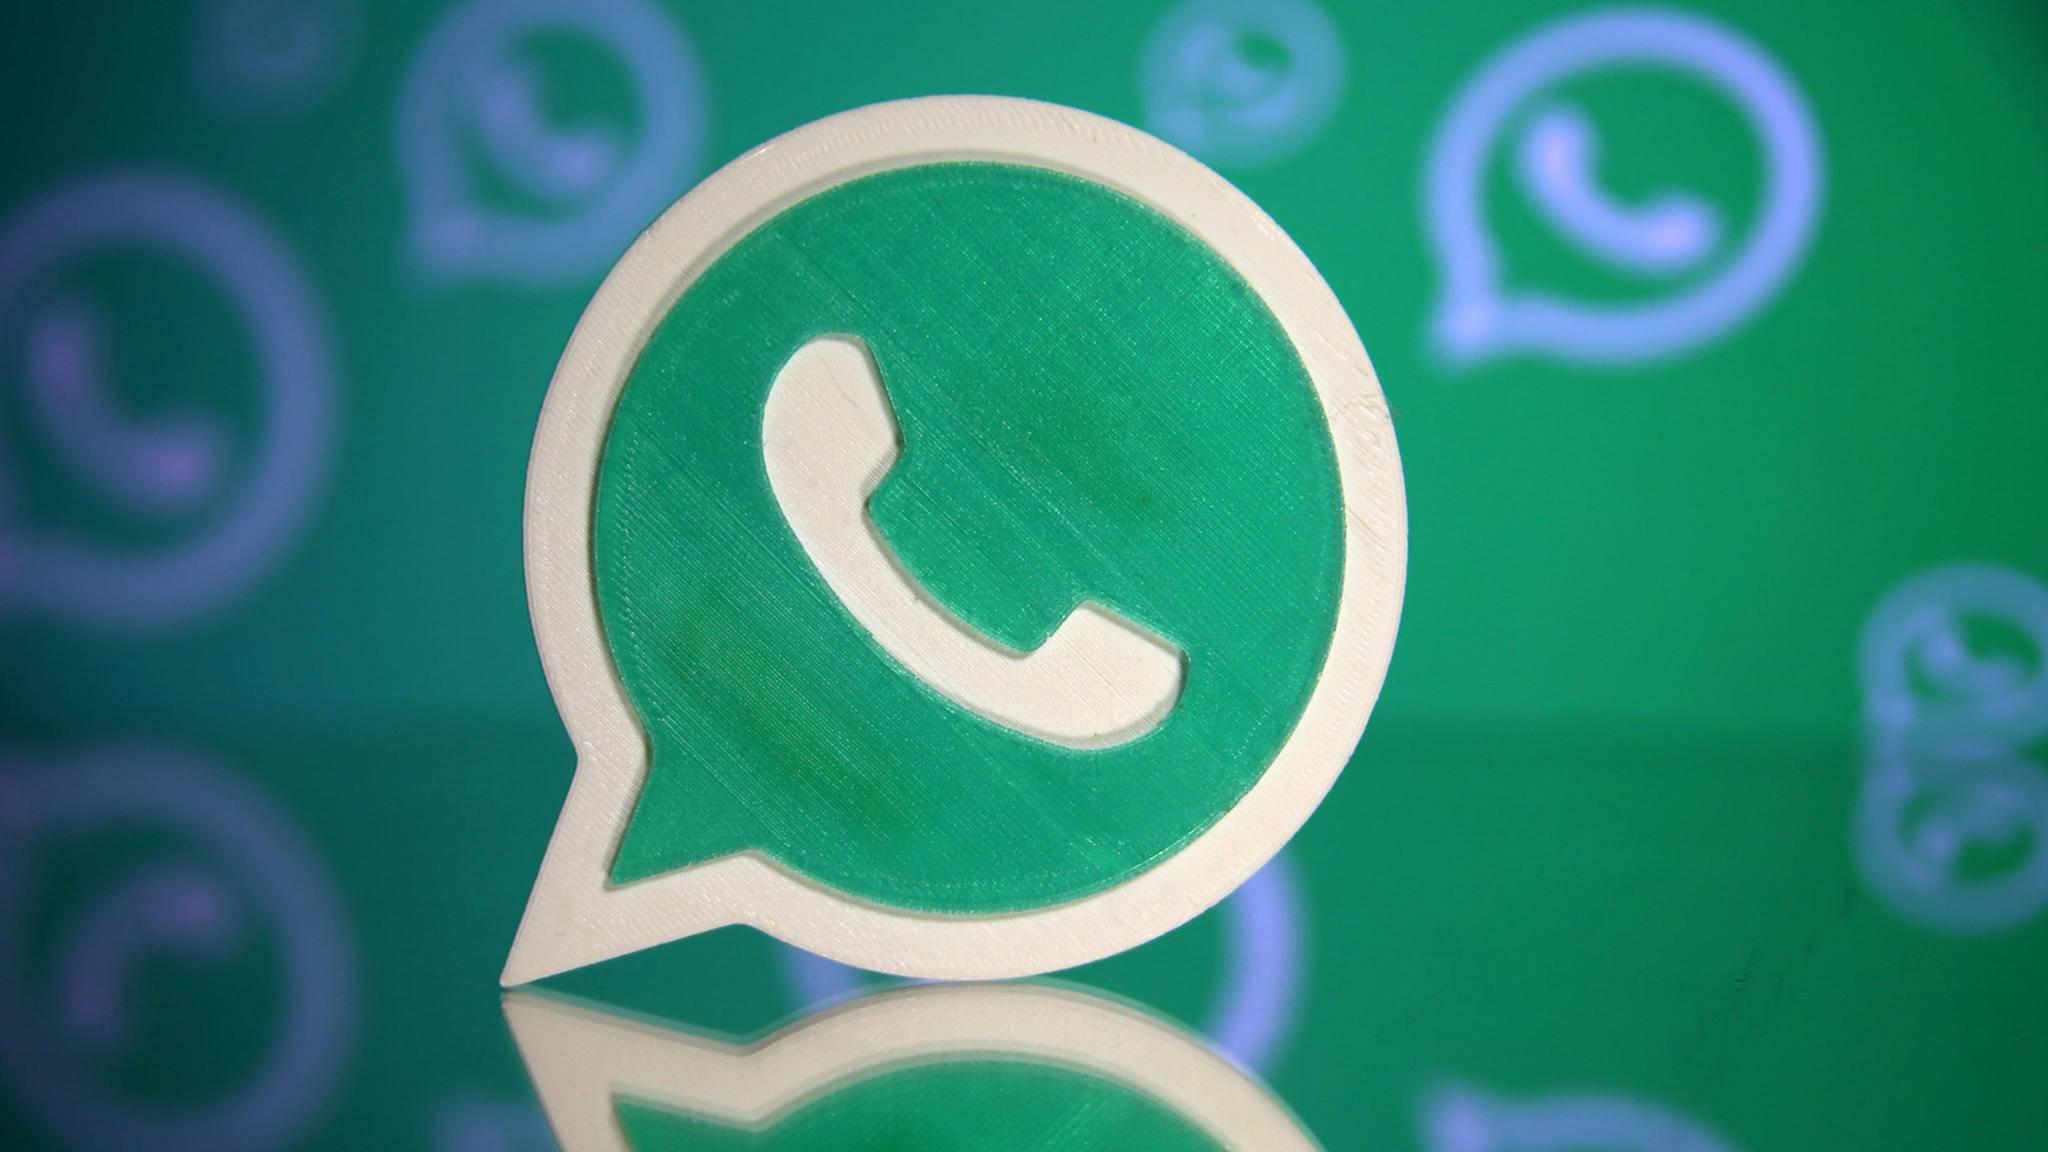 WhatsApp kann mit einer Nummer auf nur einem einzigen Gerät genutzt werden – das könnte sich ändern.